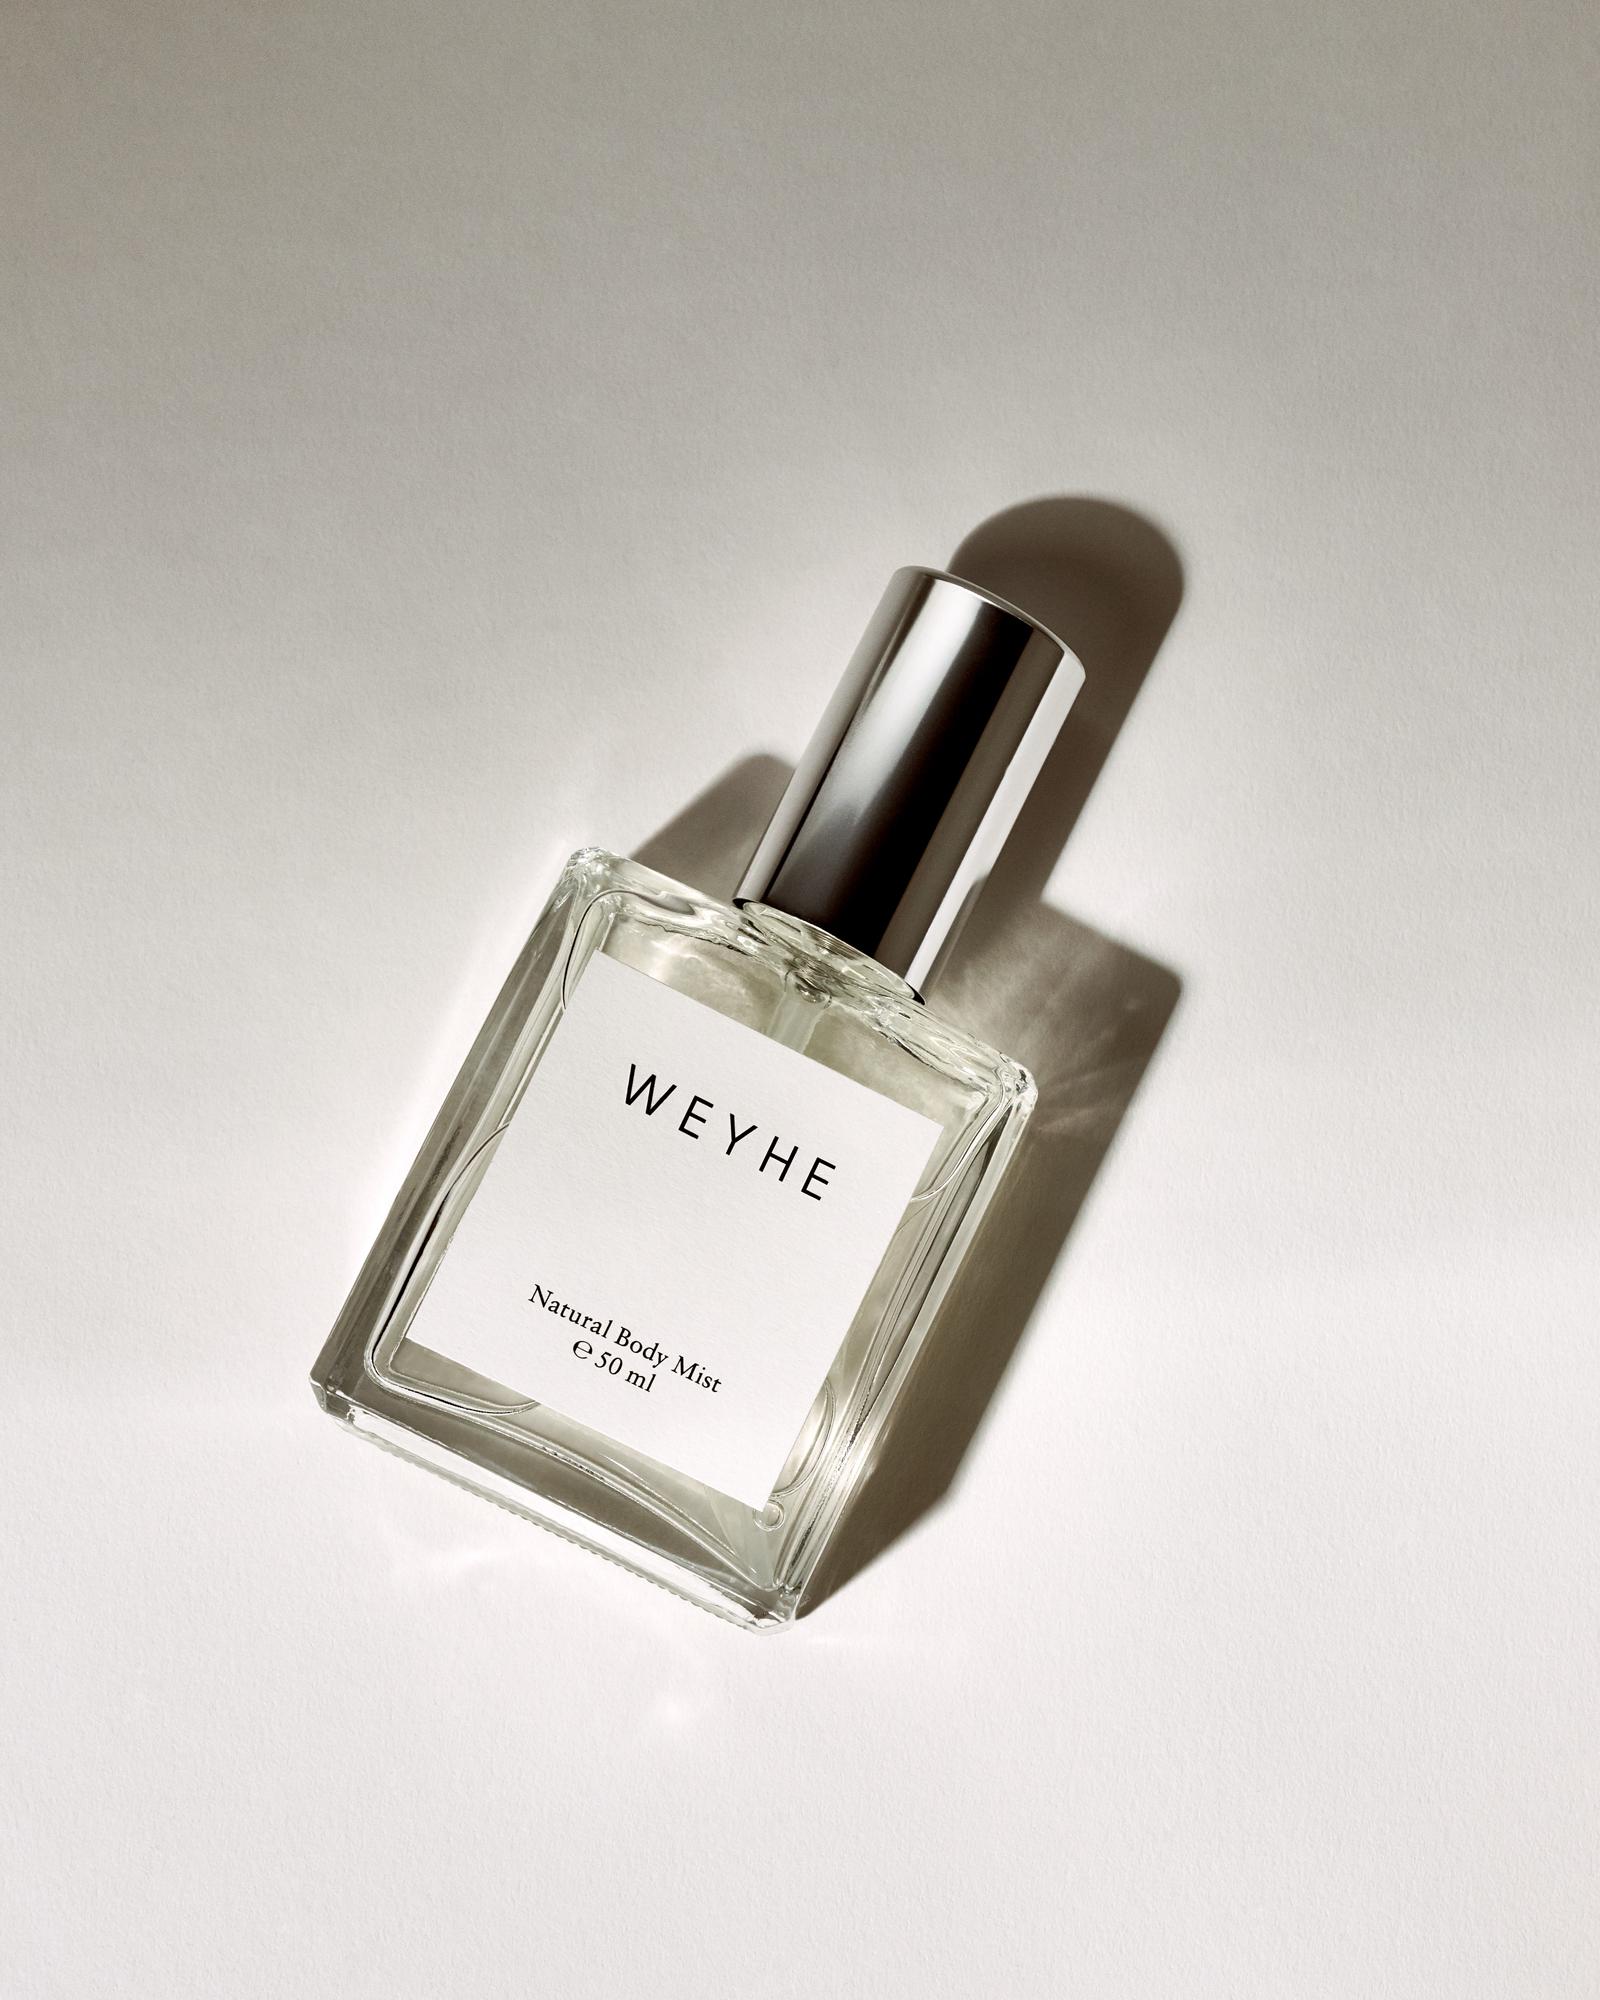 weyhe-body-mist-3863_1